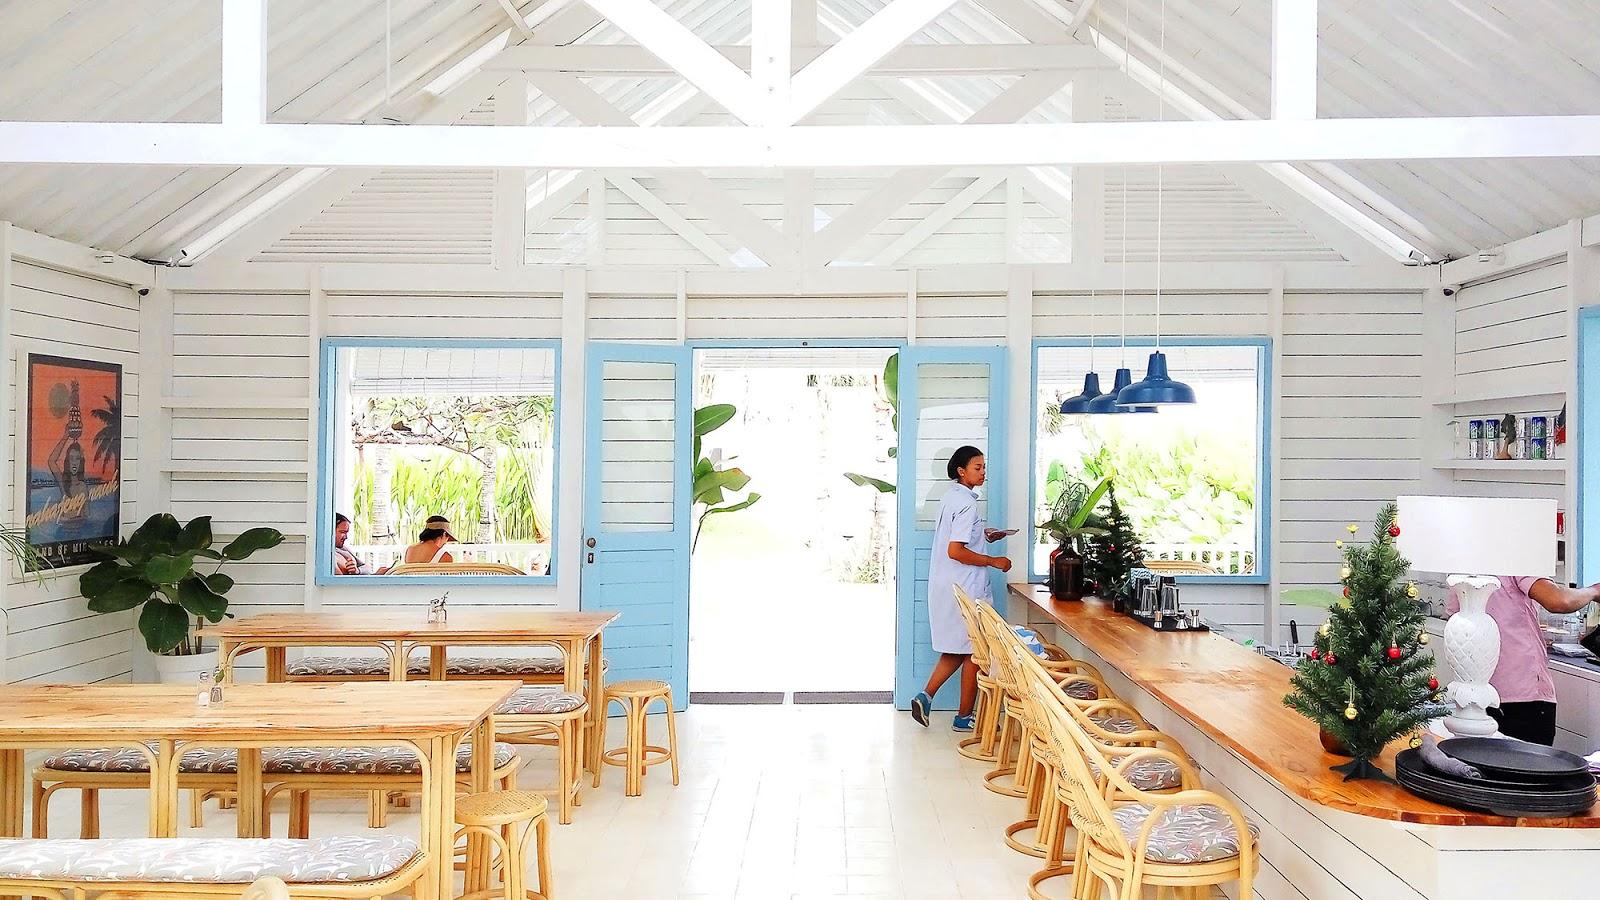 Random Day: Panama Kitchen & Pool